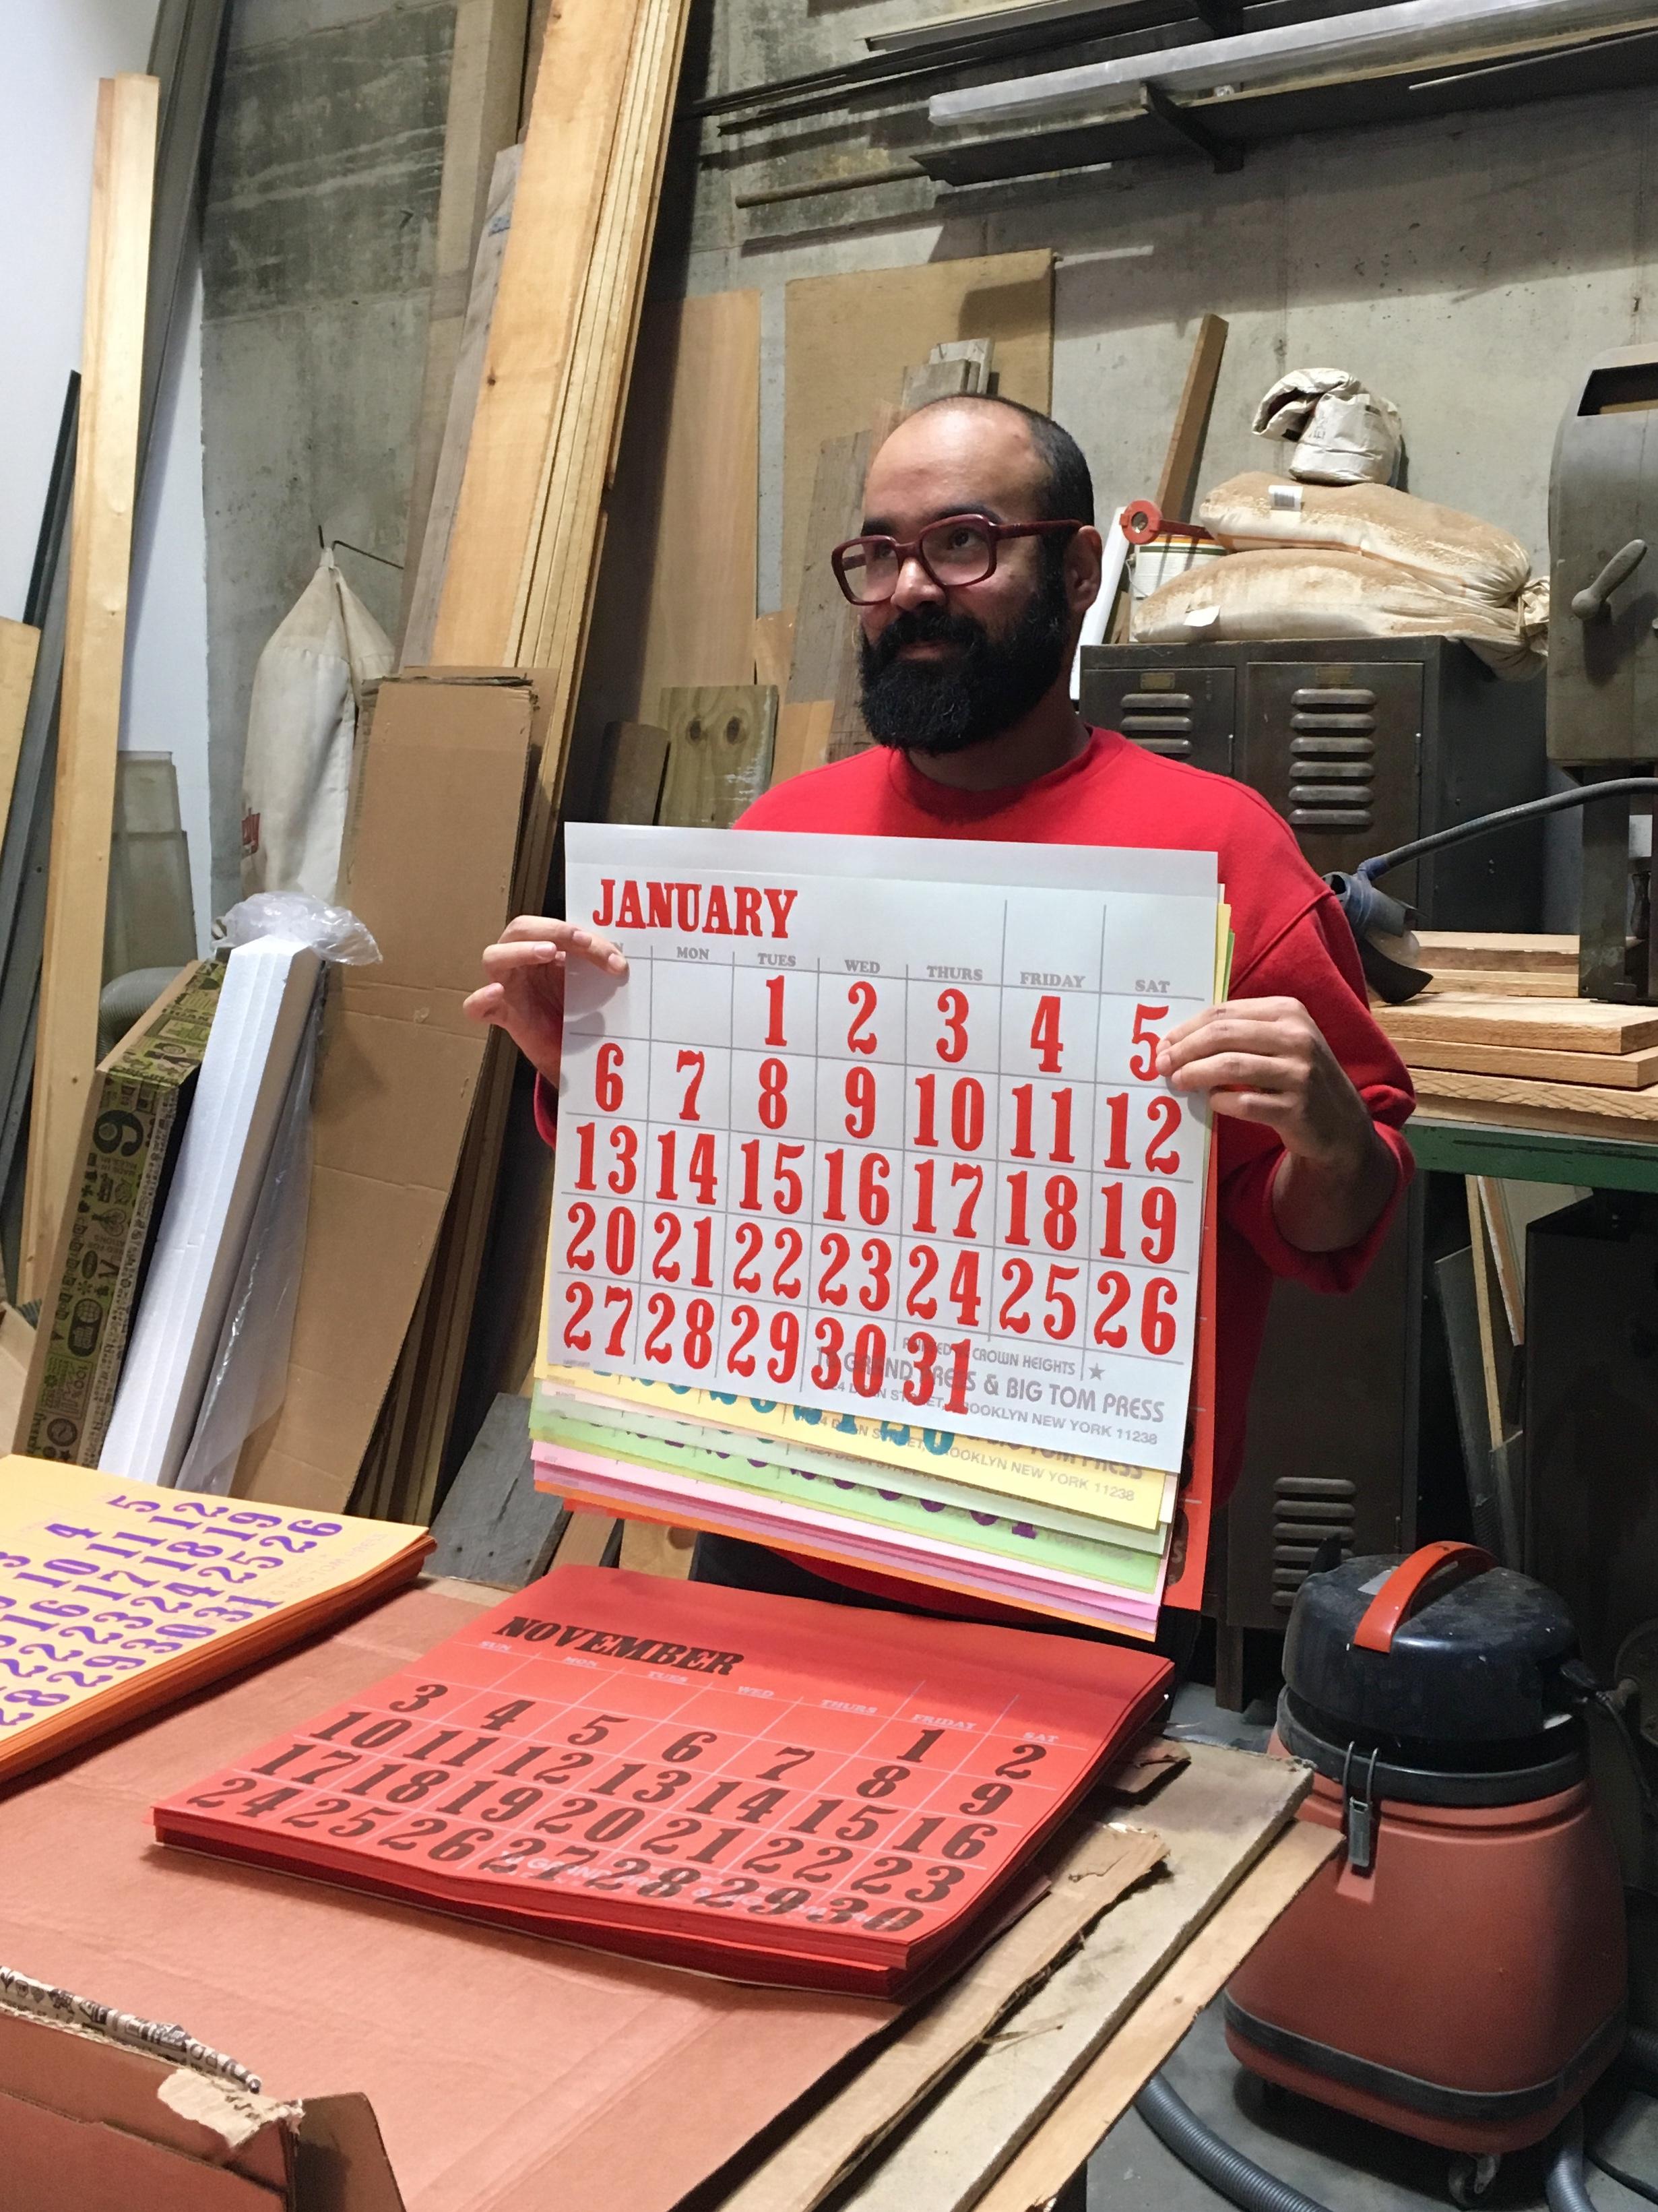 arash-calendar.jpg